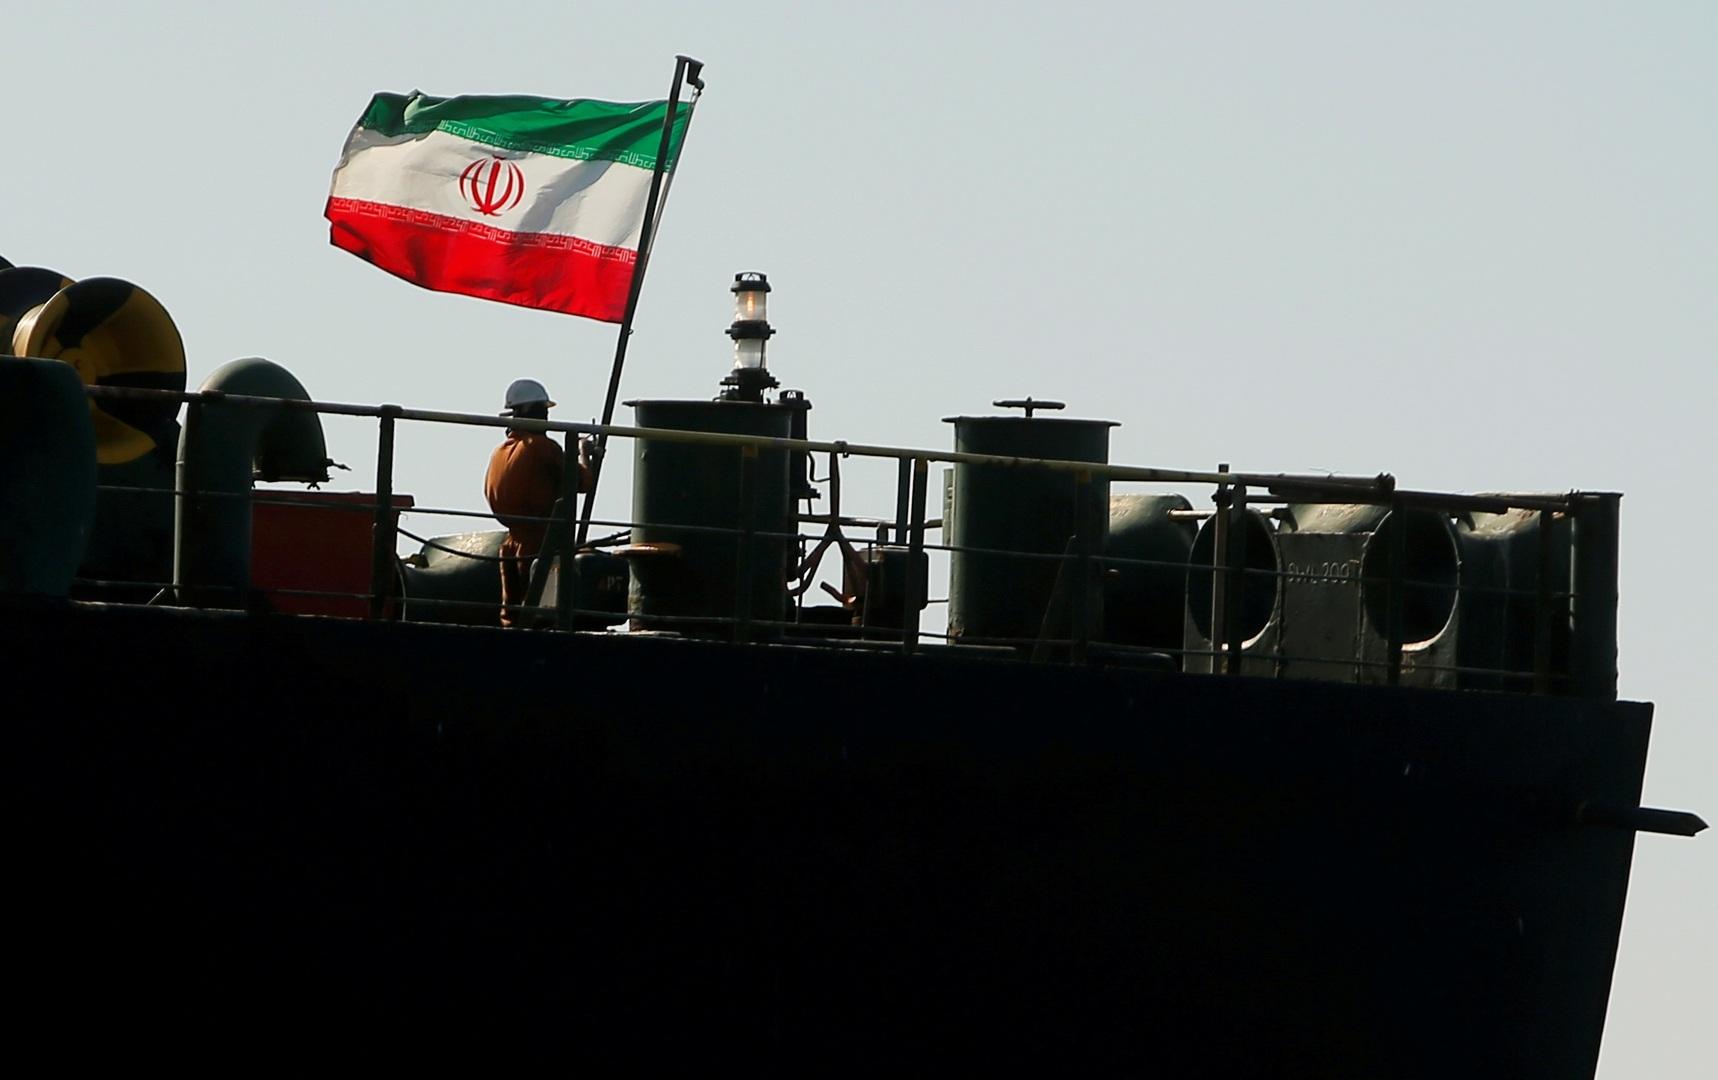 واشنطن تسعى إلى قطع الطريق أمام النفط الإيراني إلى الصين